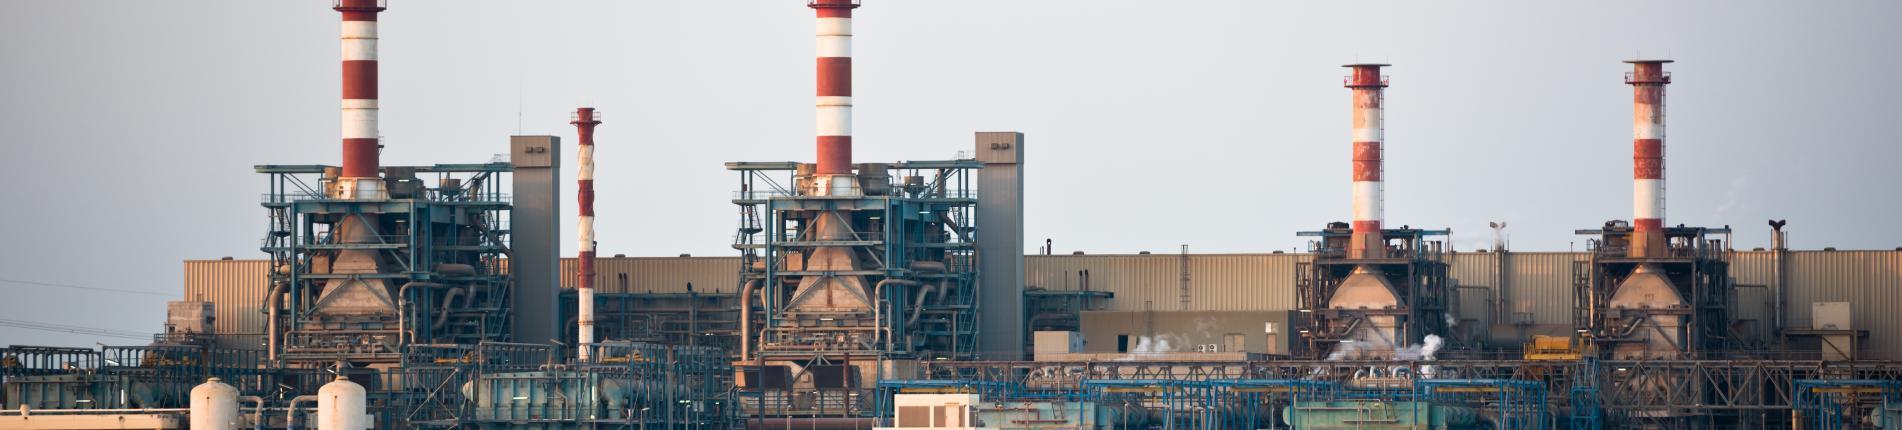 Petroleoquímicas internacionales como ZAPCO